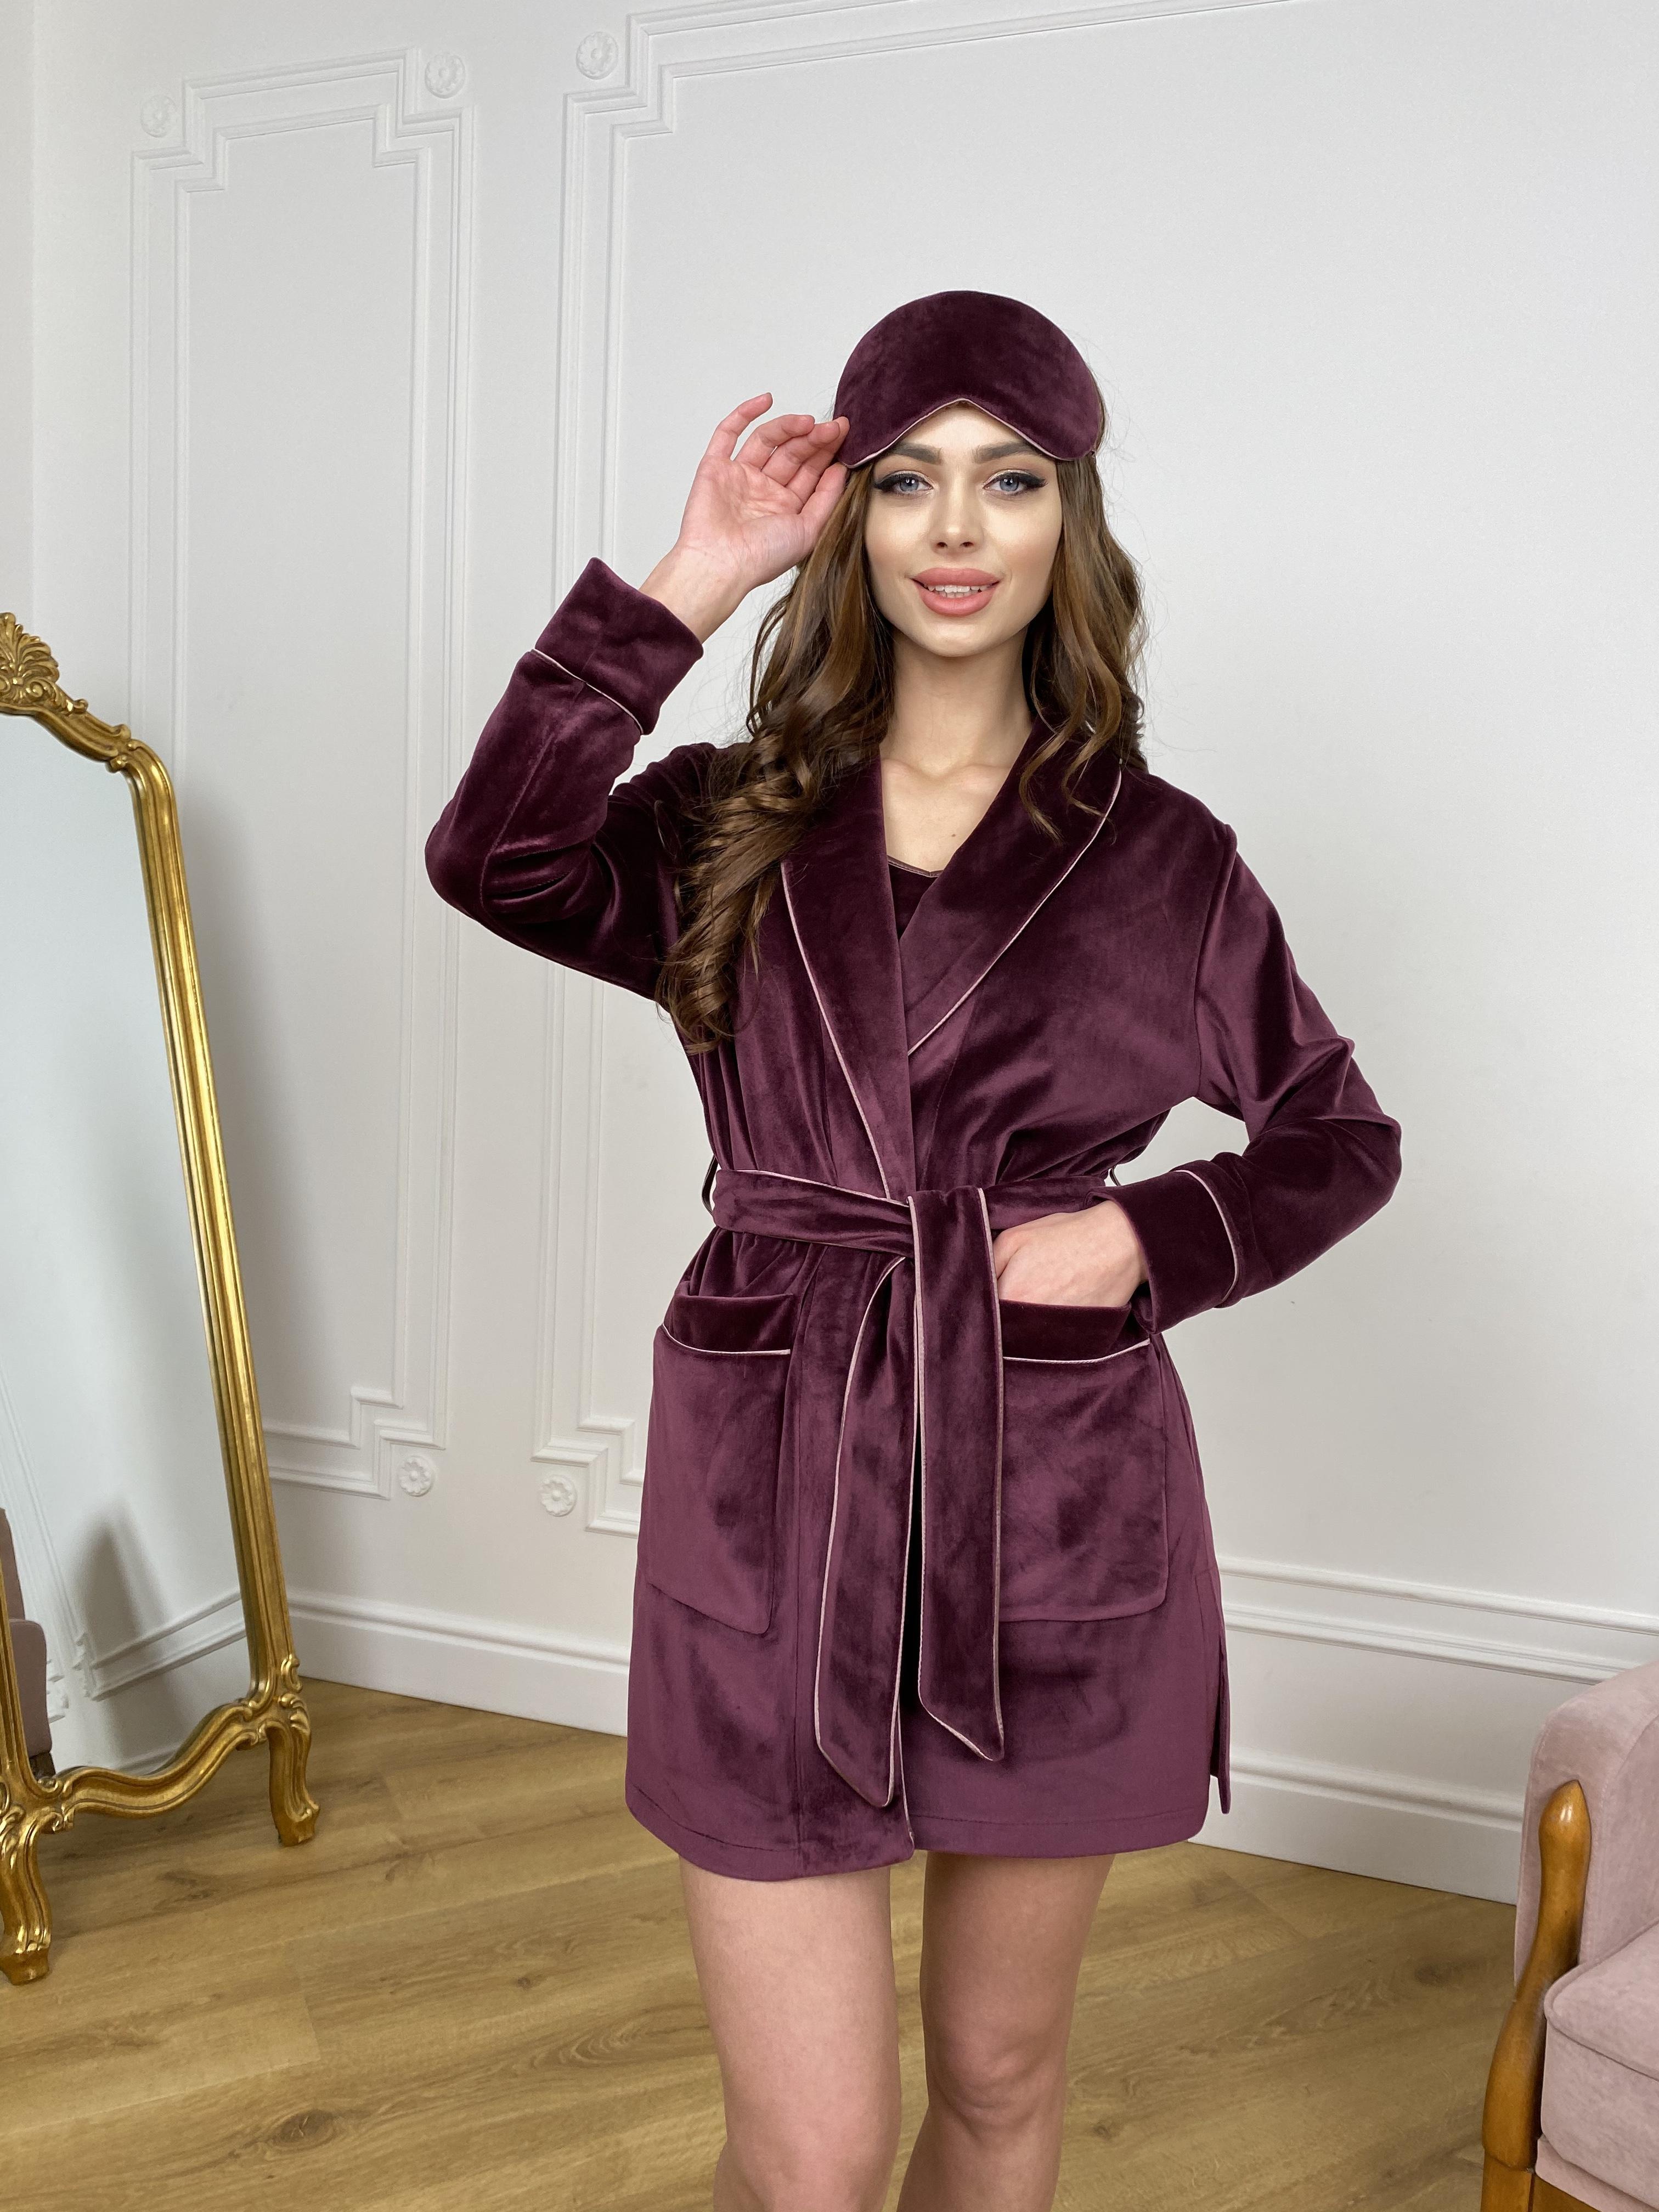 Женская одежда оптом от производителя Сандрин халат  велюр   атлас 10466